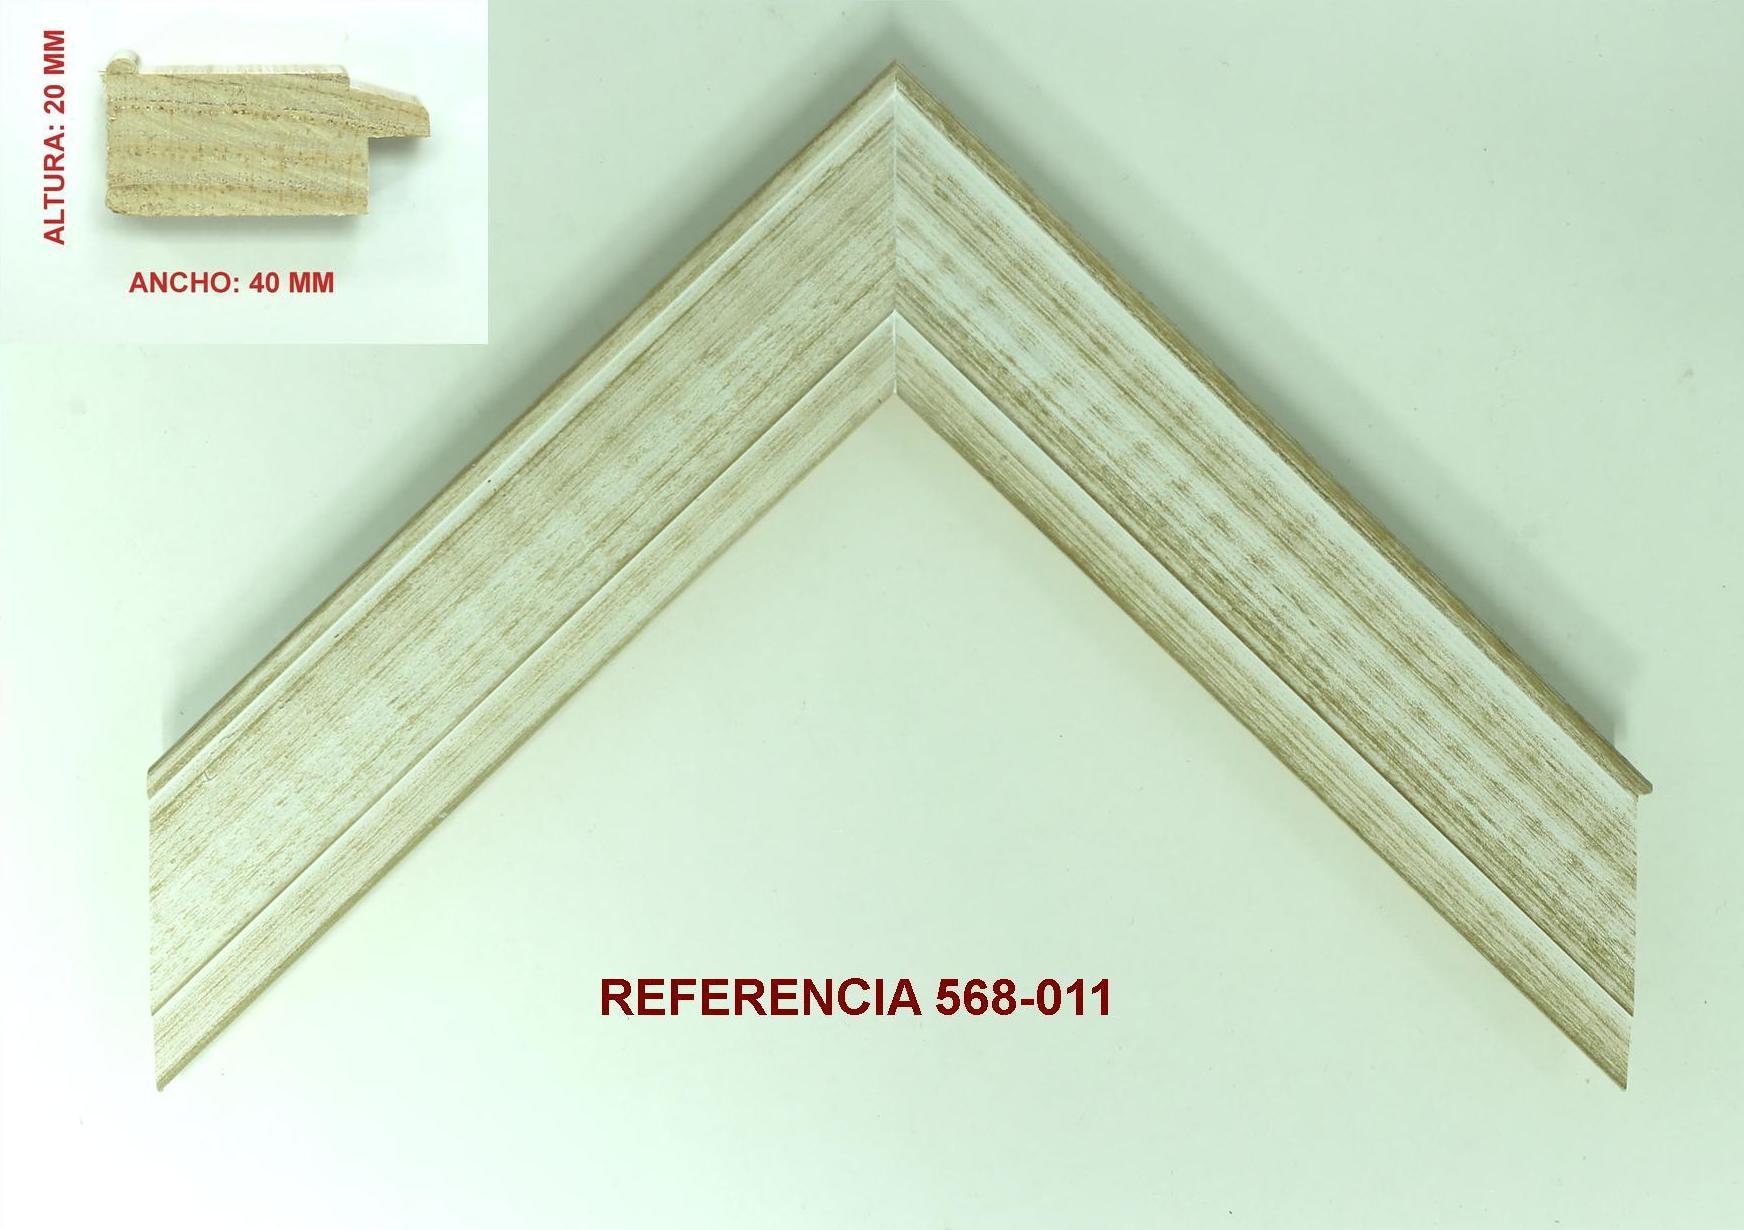 REF 568-011: Muestrario de Moldusevilla